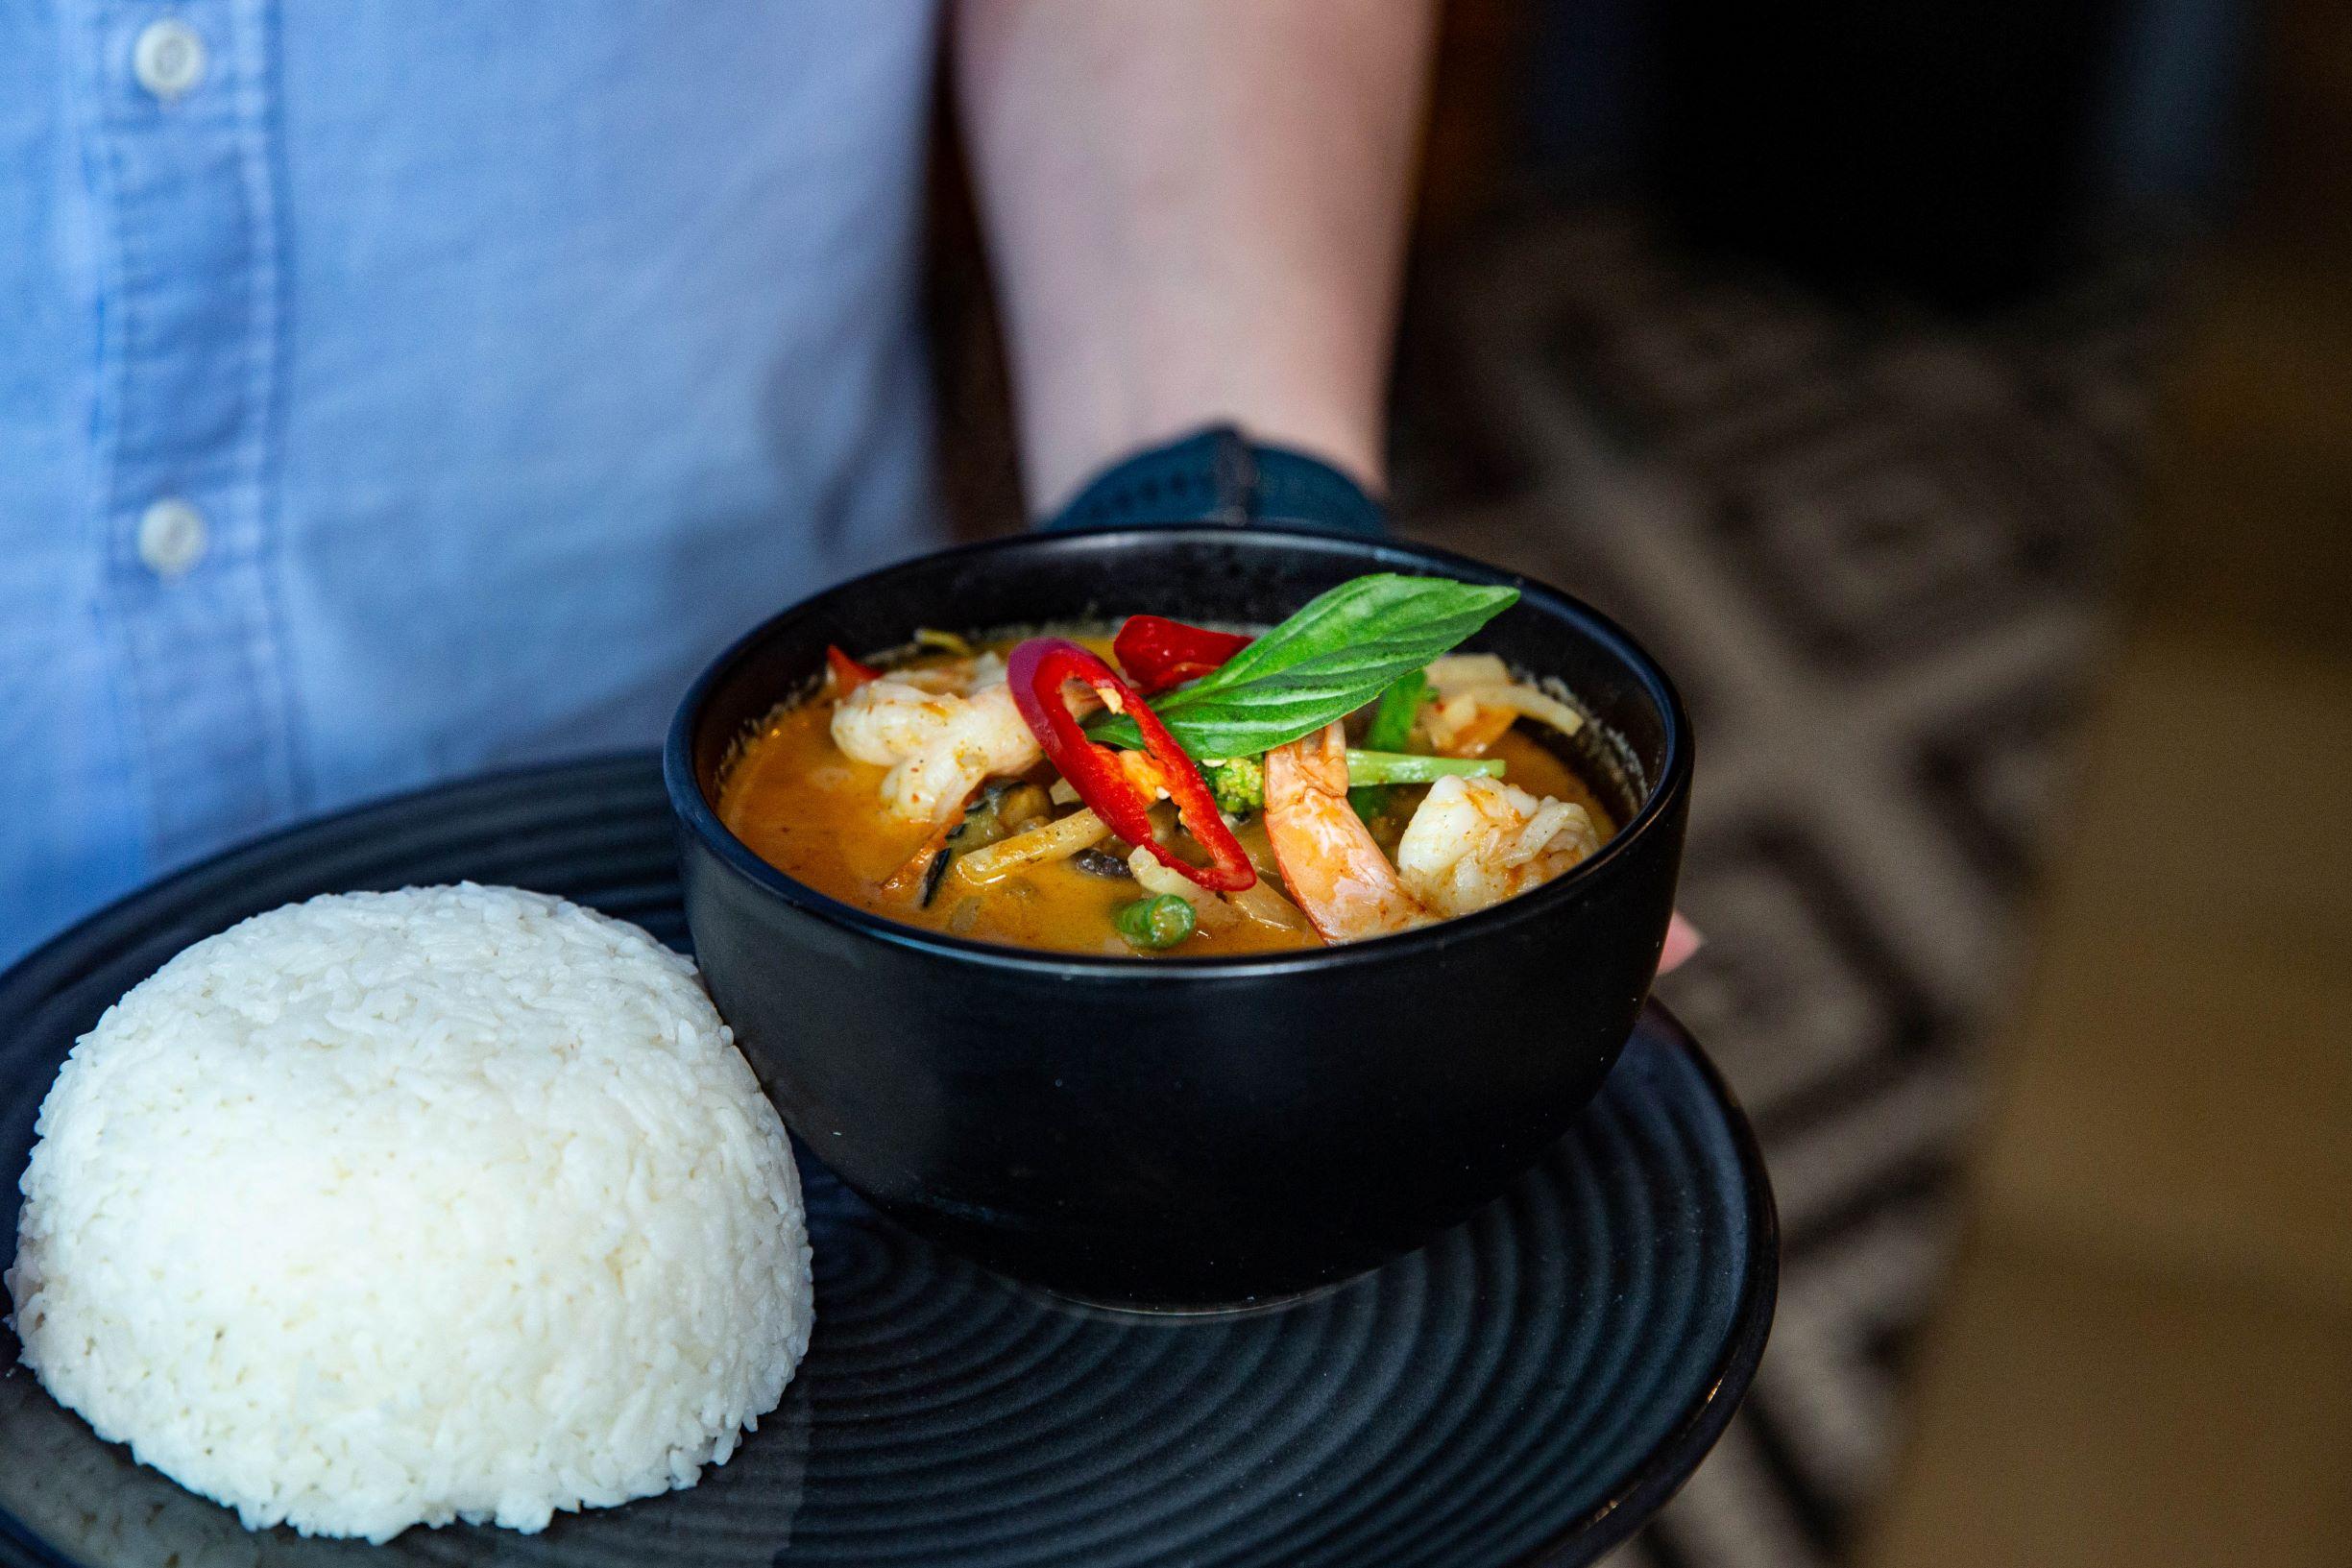 Thai Restaurant Menu Item - Charlie Chans